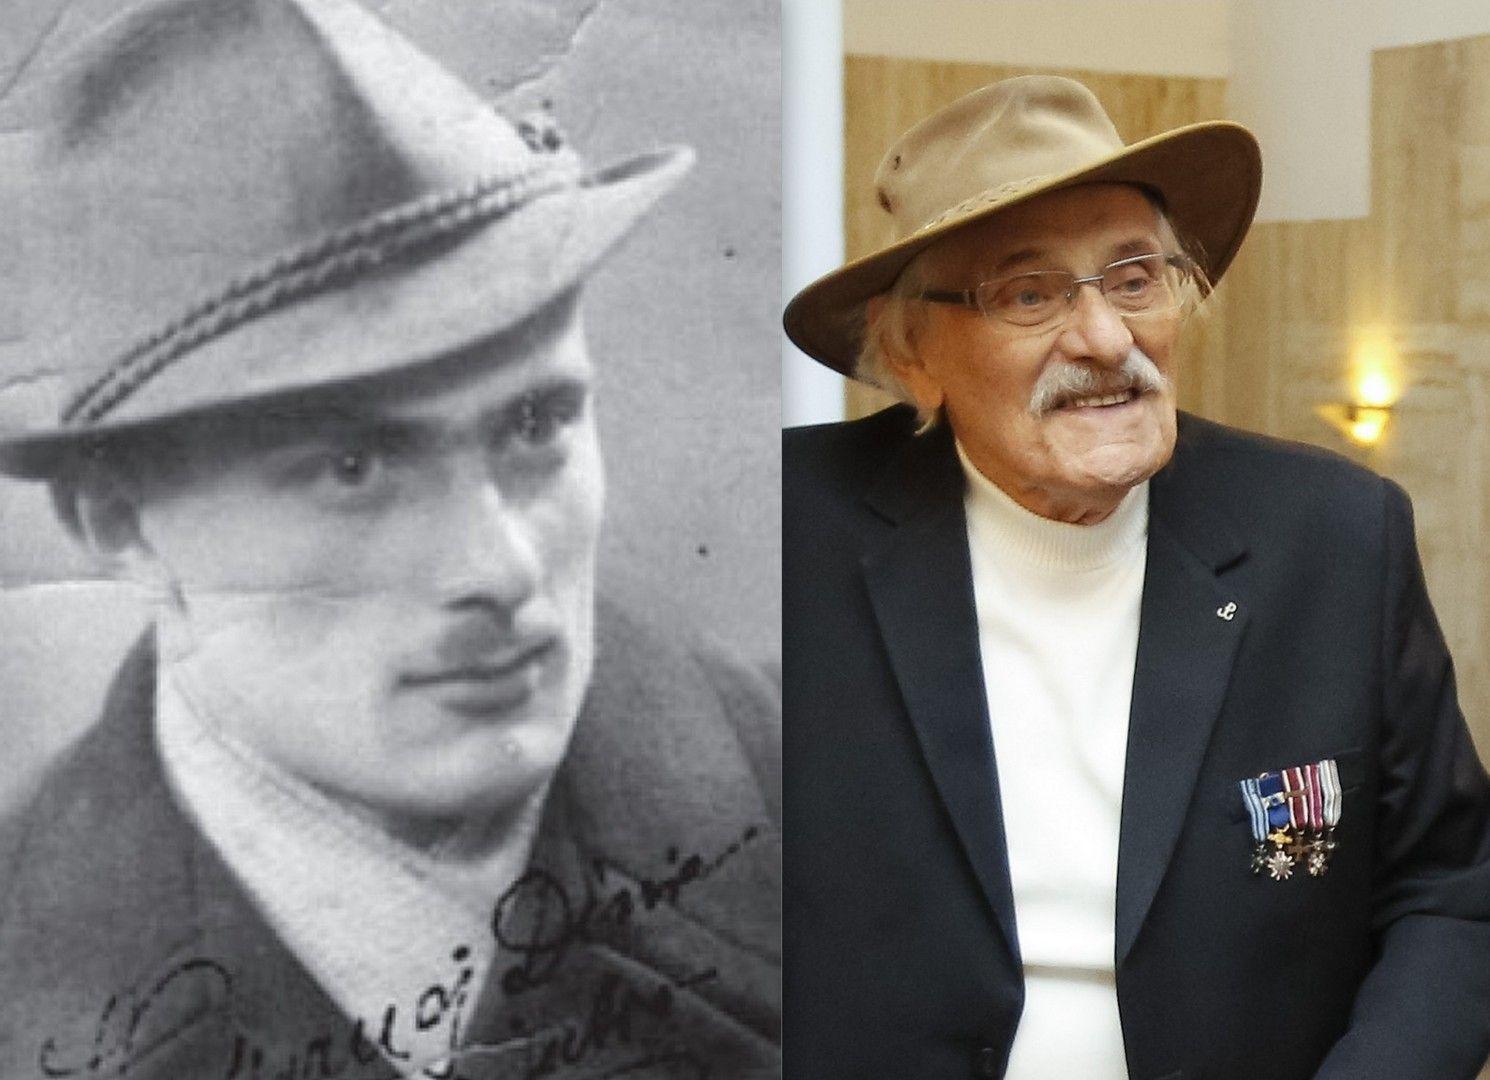 Samuel Willenberg (Survivor of Treblinka)